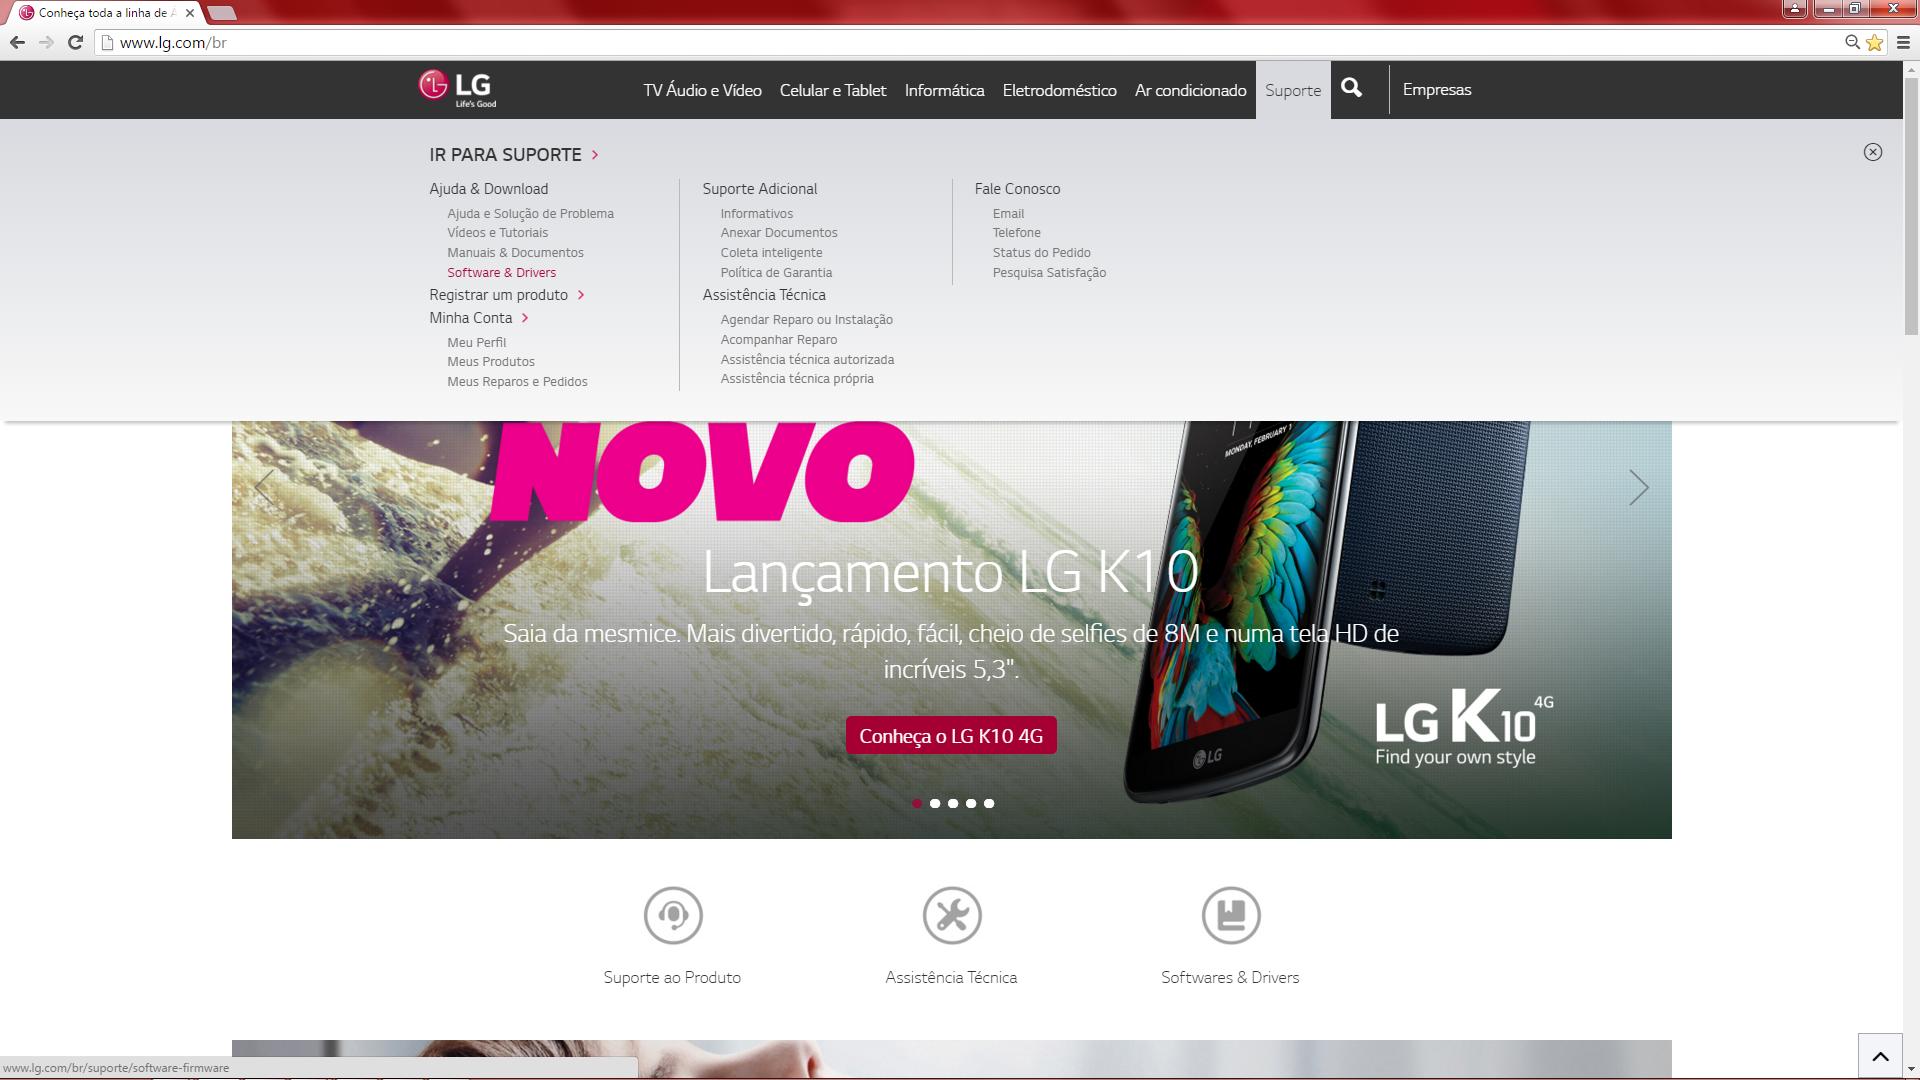 Ilustração da página de Download e Manuais no site LG